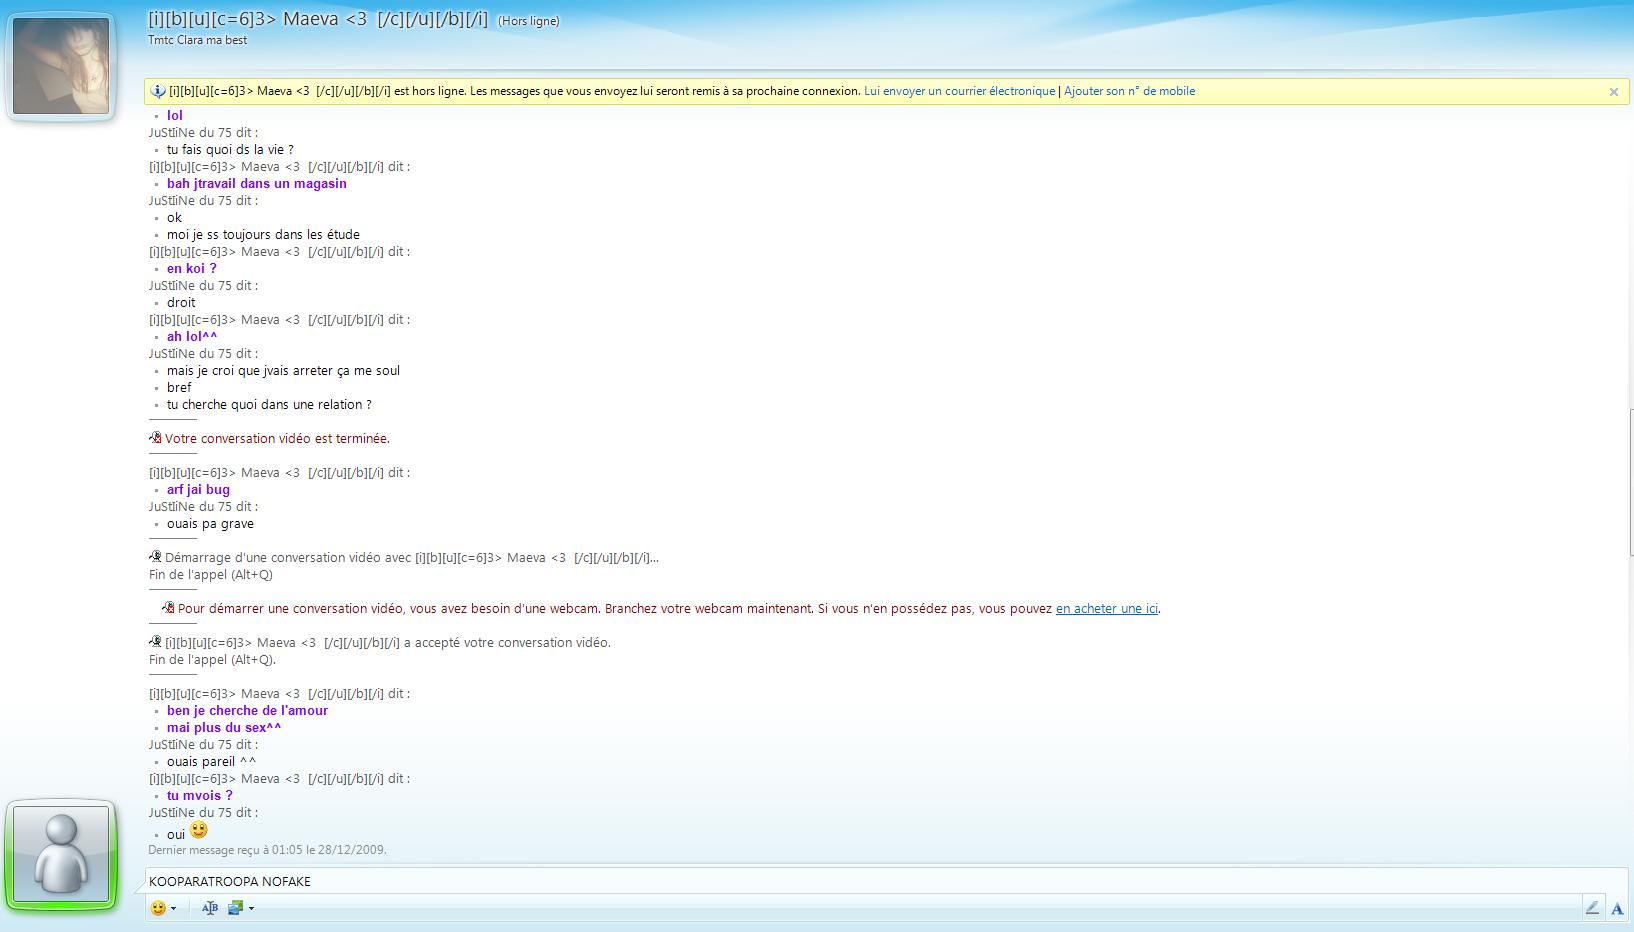 NOFAKE] Une meuf me fait un strip wcam! sur le forum Blabla ...